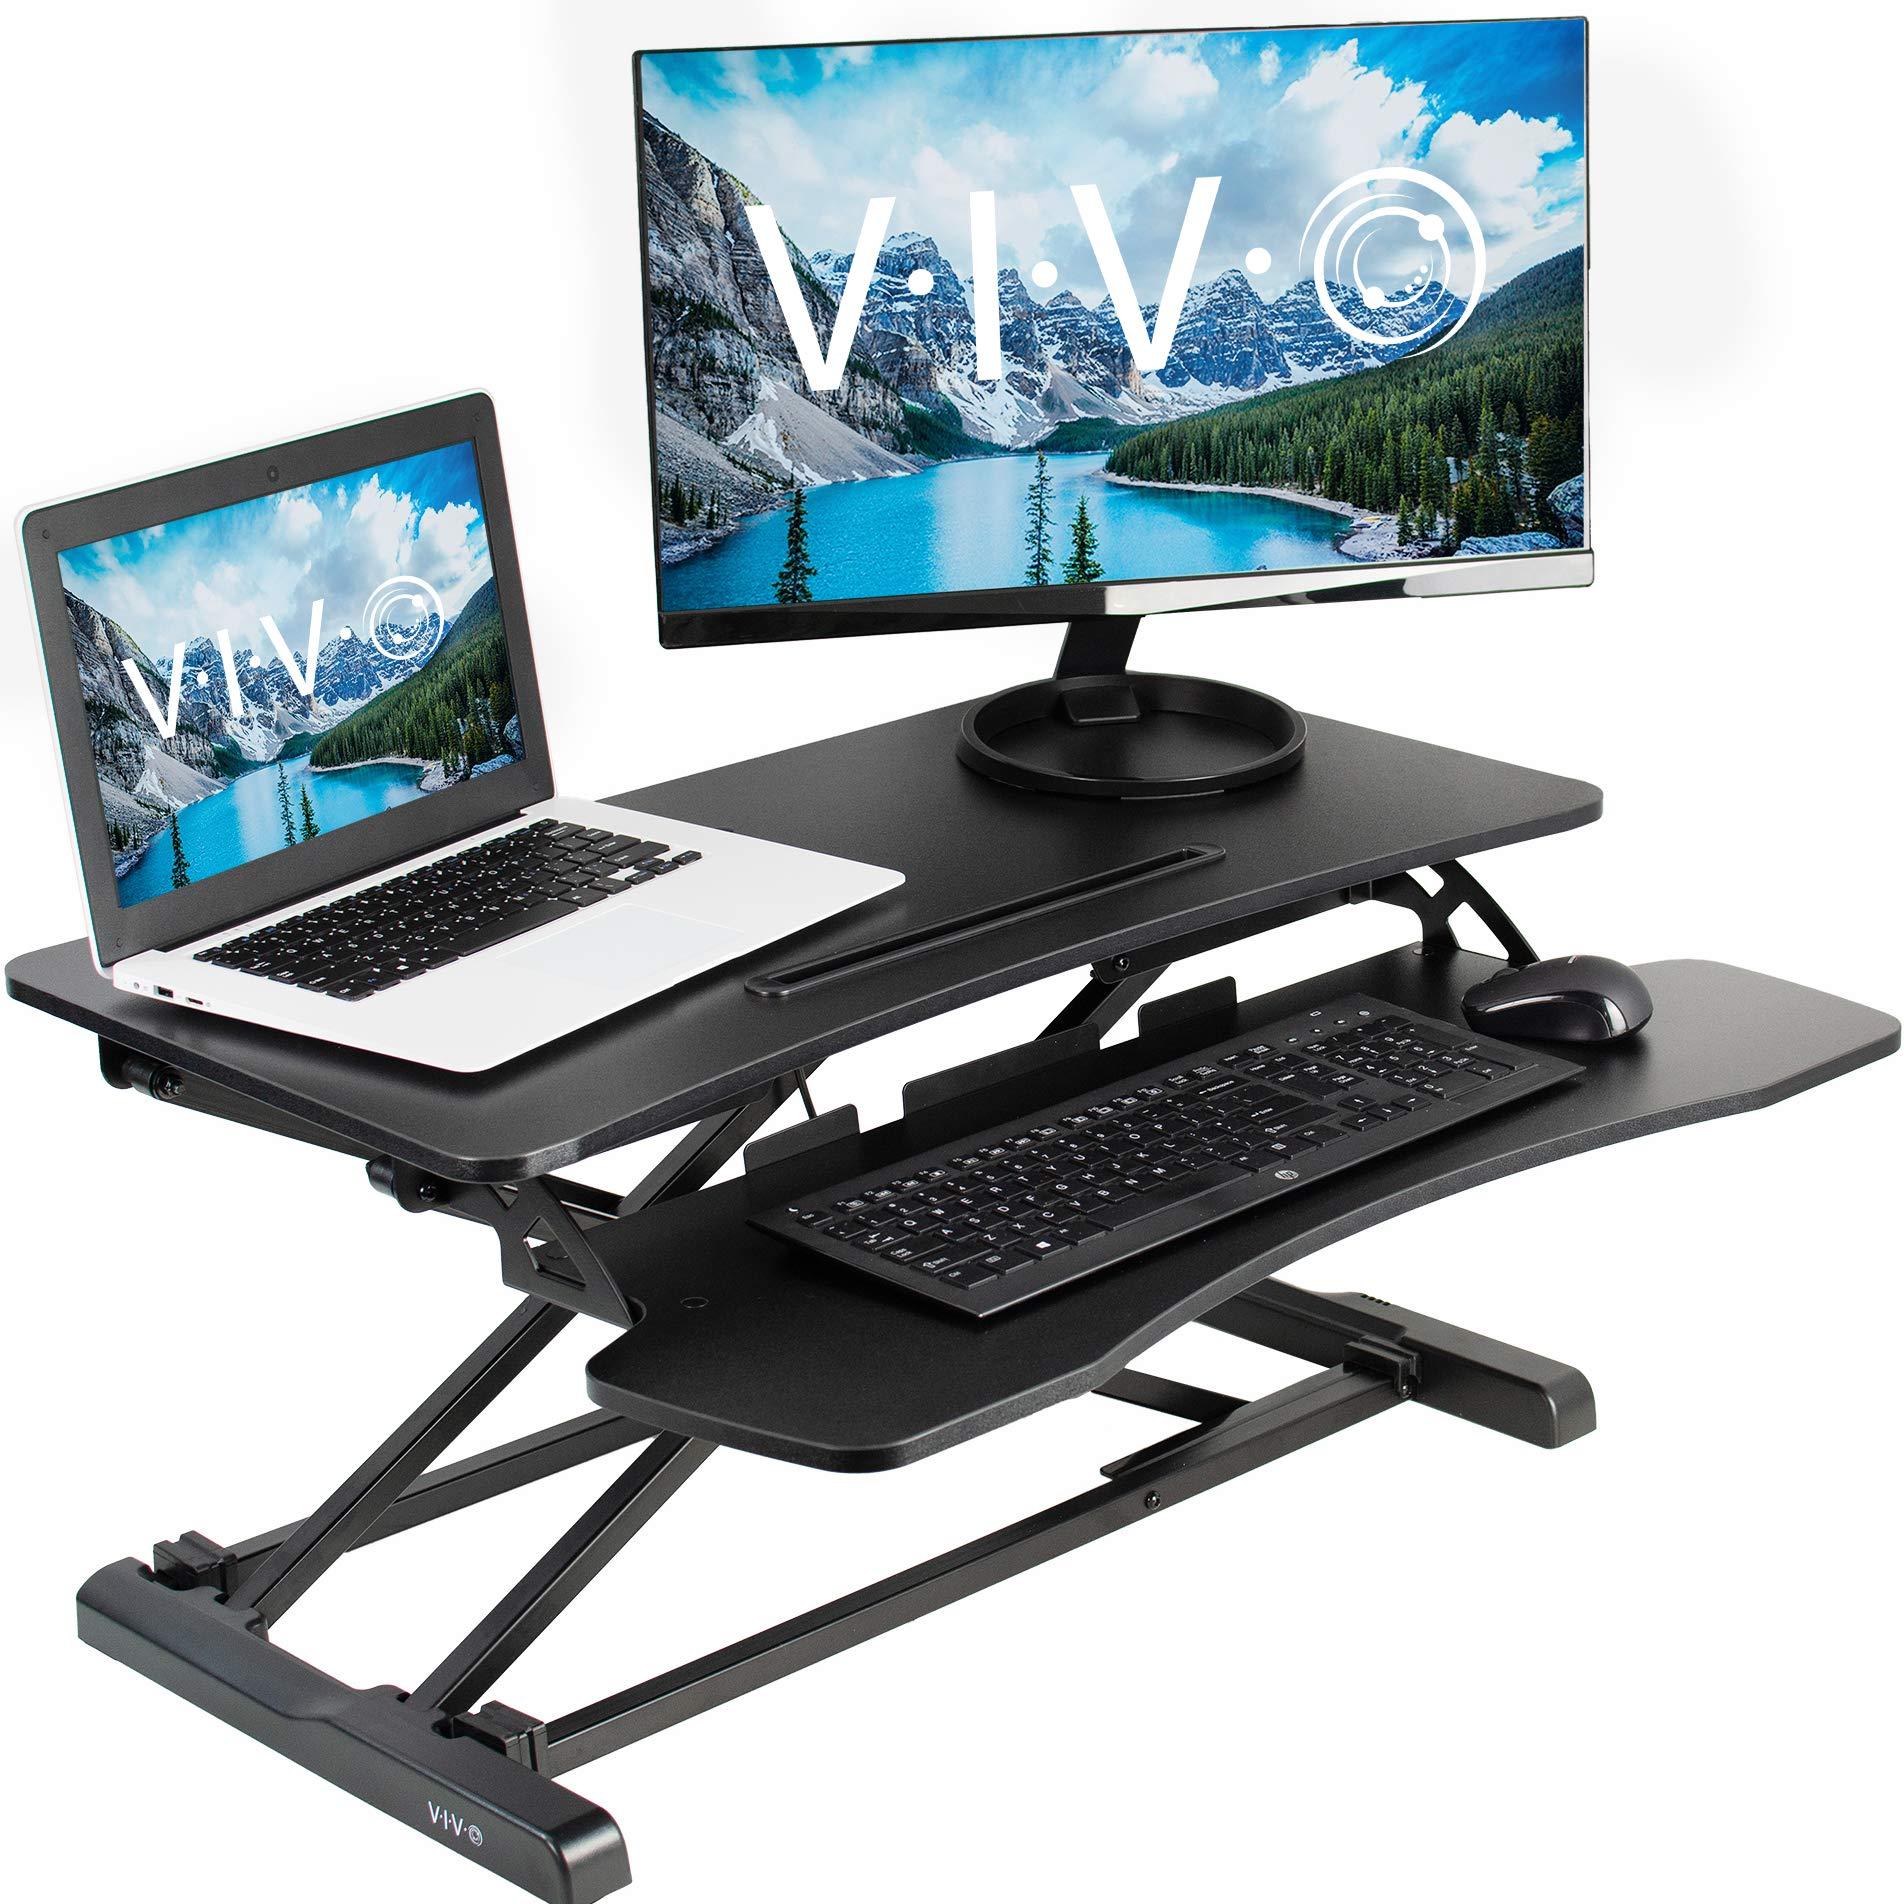 VIVO Black Height Adjustable 32 inch Standing Desk Converter   Sit Stand Dual Monitor and Laptop Riser Workstation (DESK-V000K) by VIVO